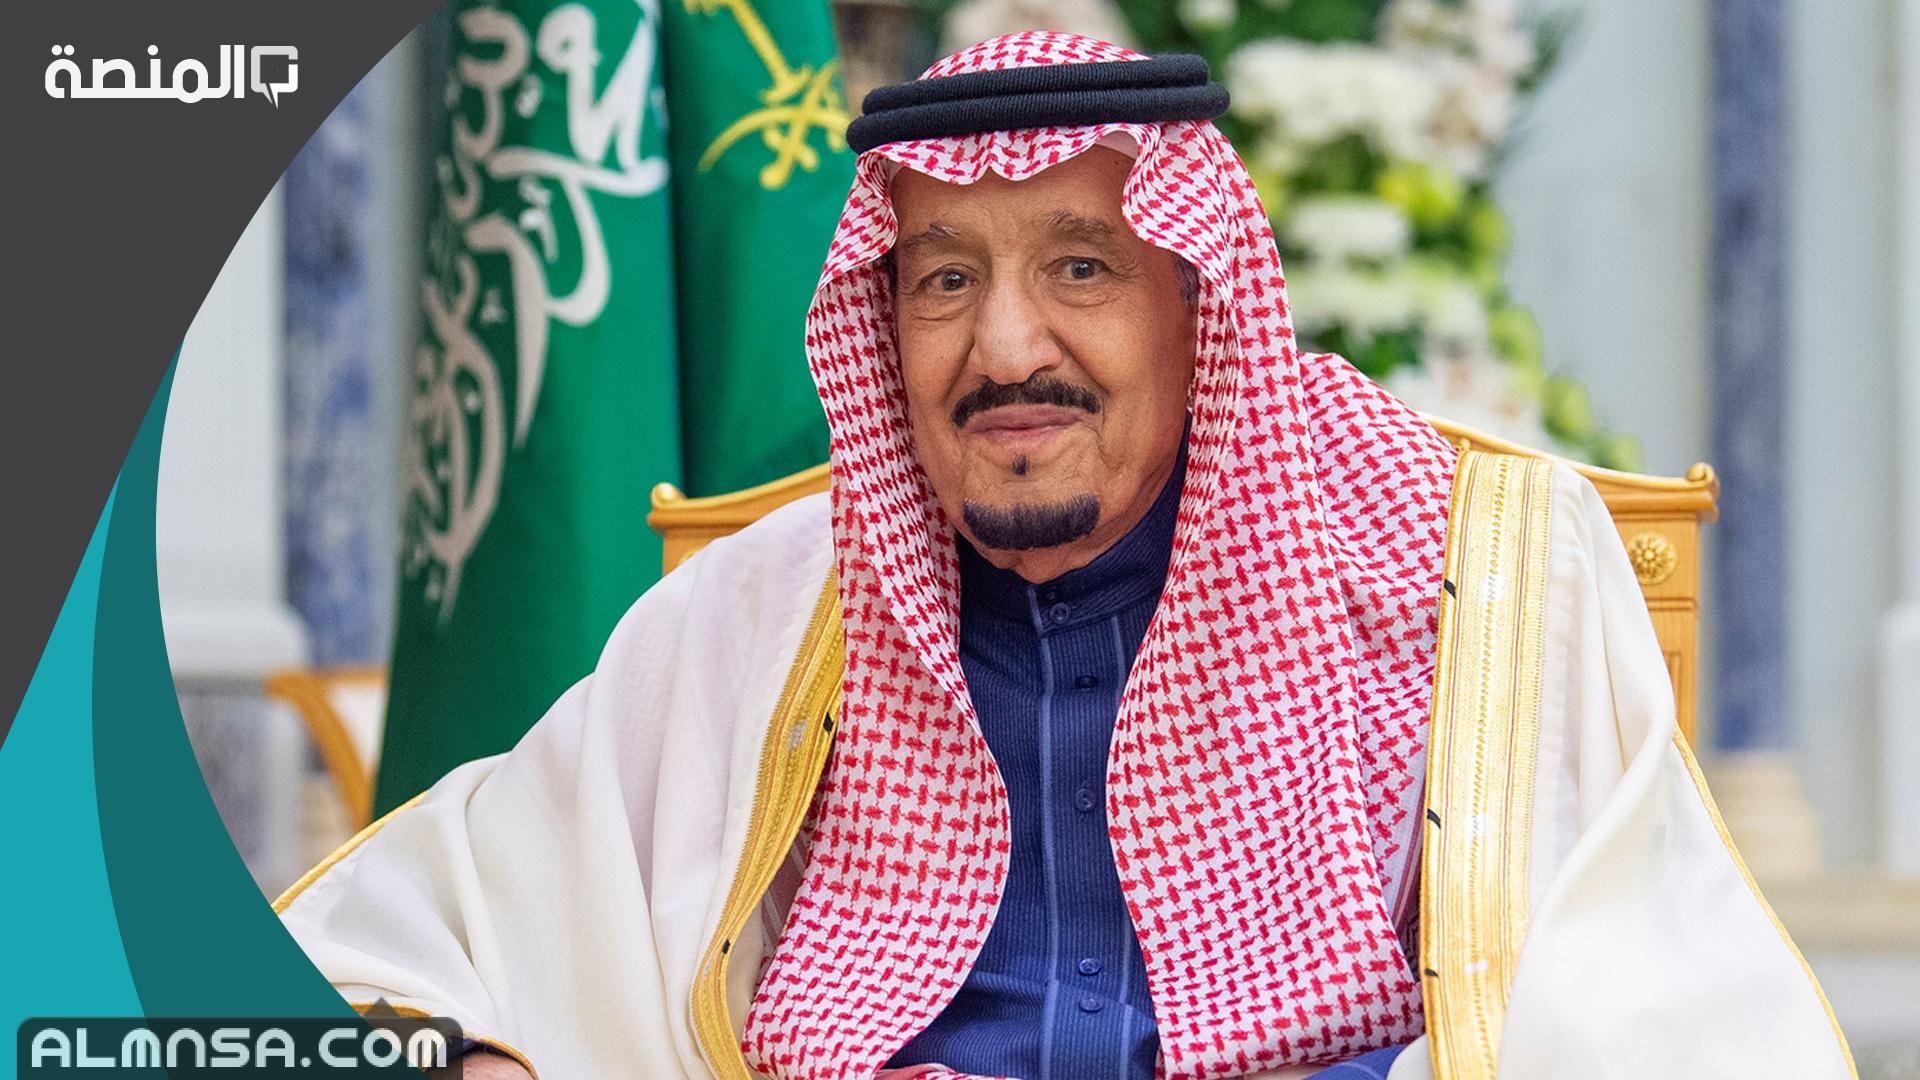 نبذة عن الملك سلمان بن عبدالعزيز مختصرة المنصة